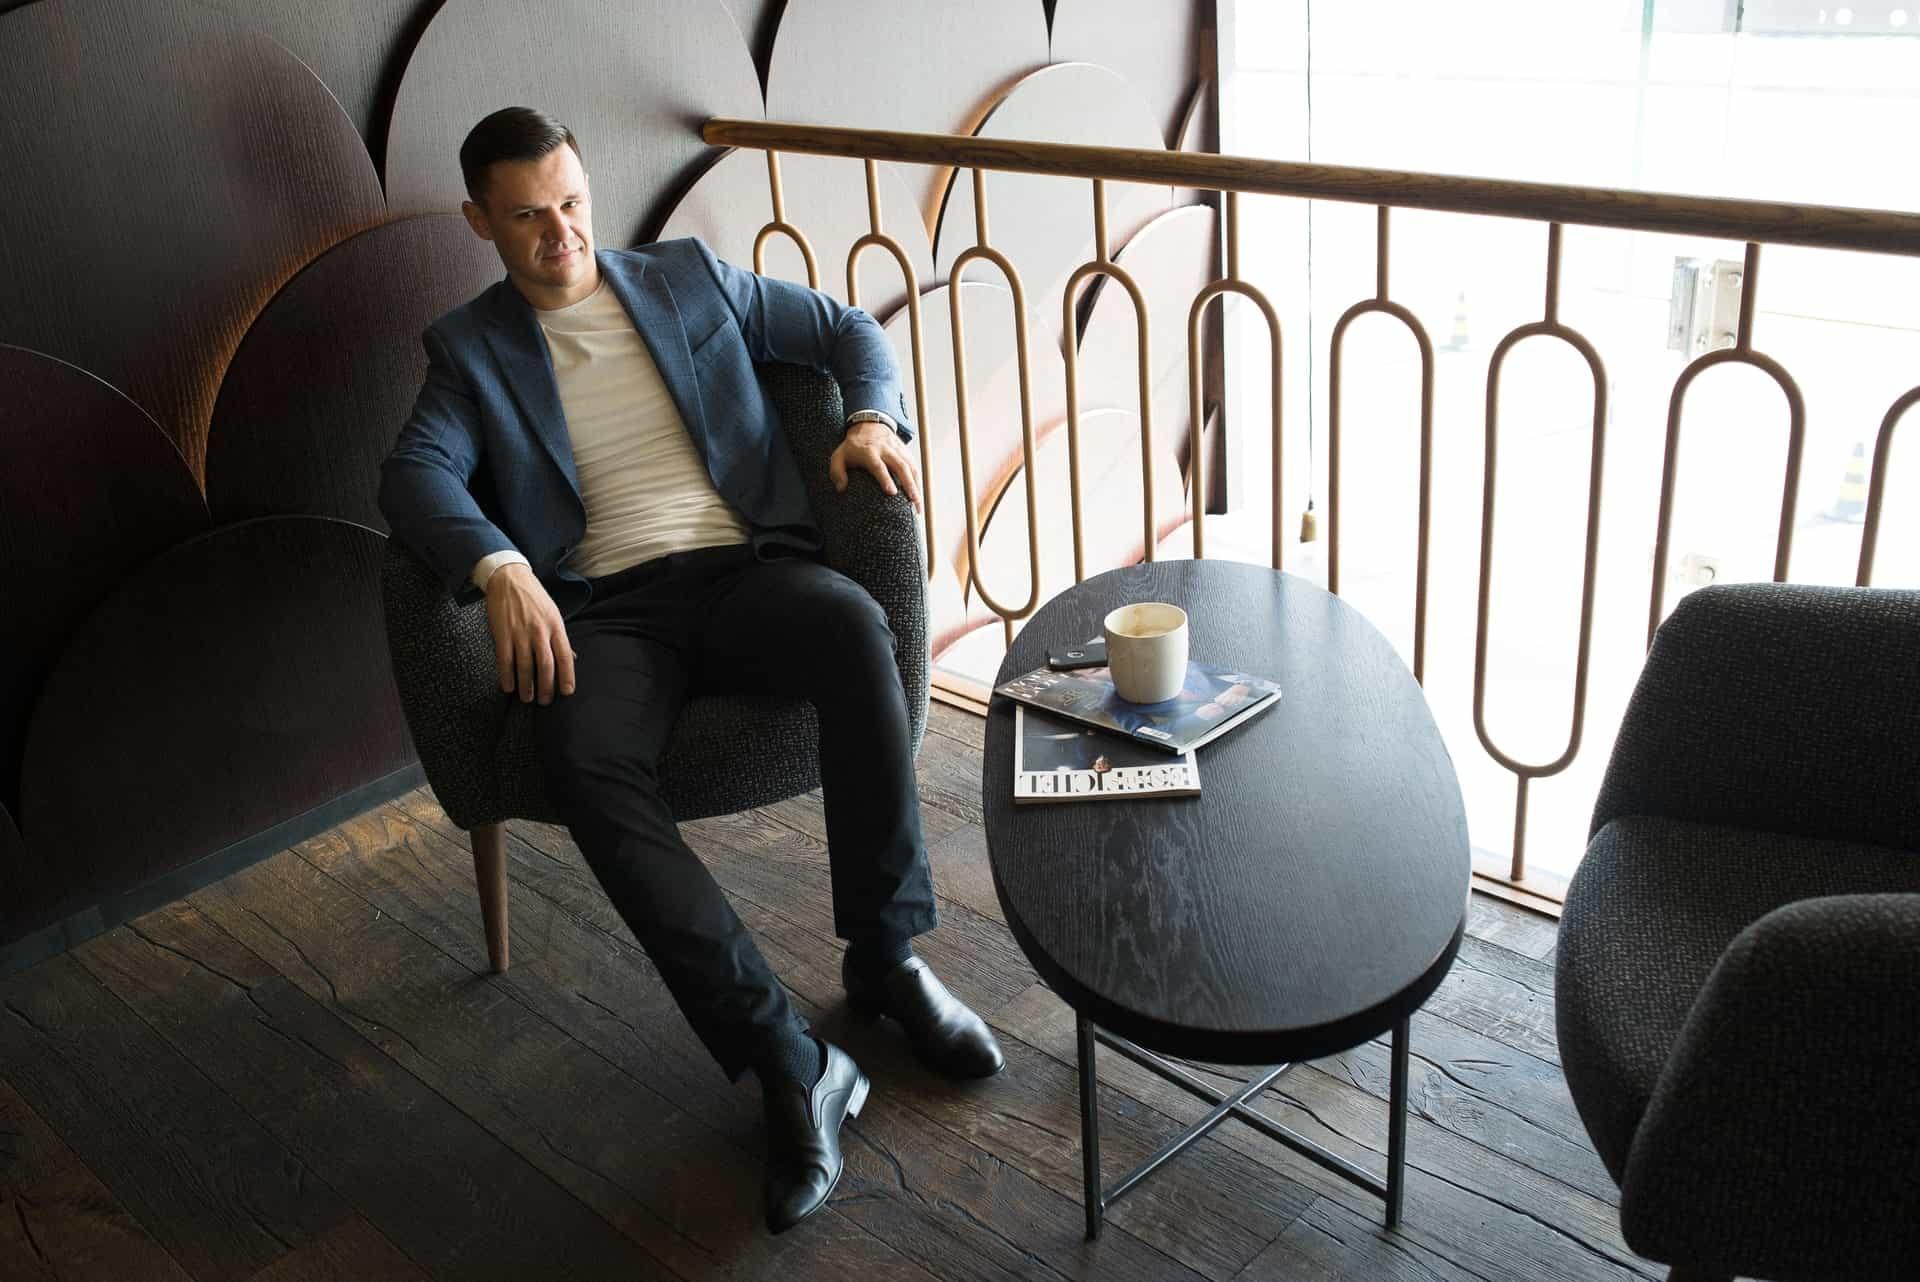 Mann sitzt auf Sofastuhl neben braunen Metallgeländern